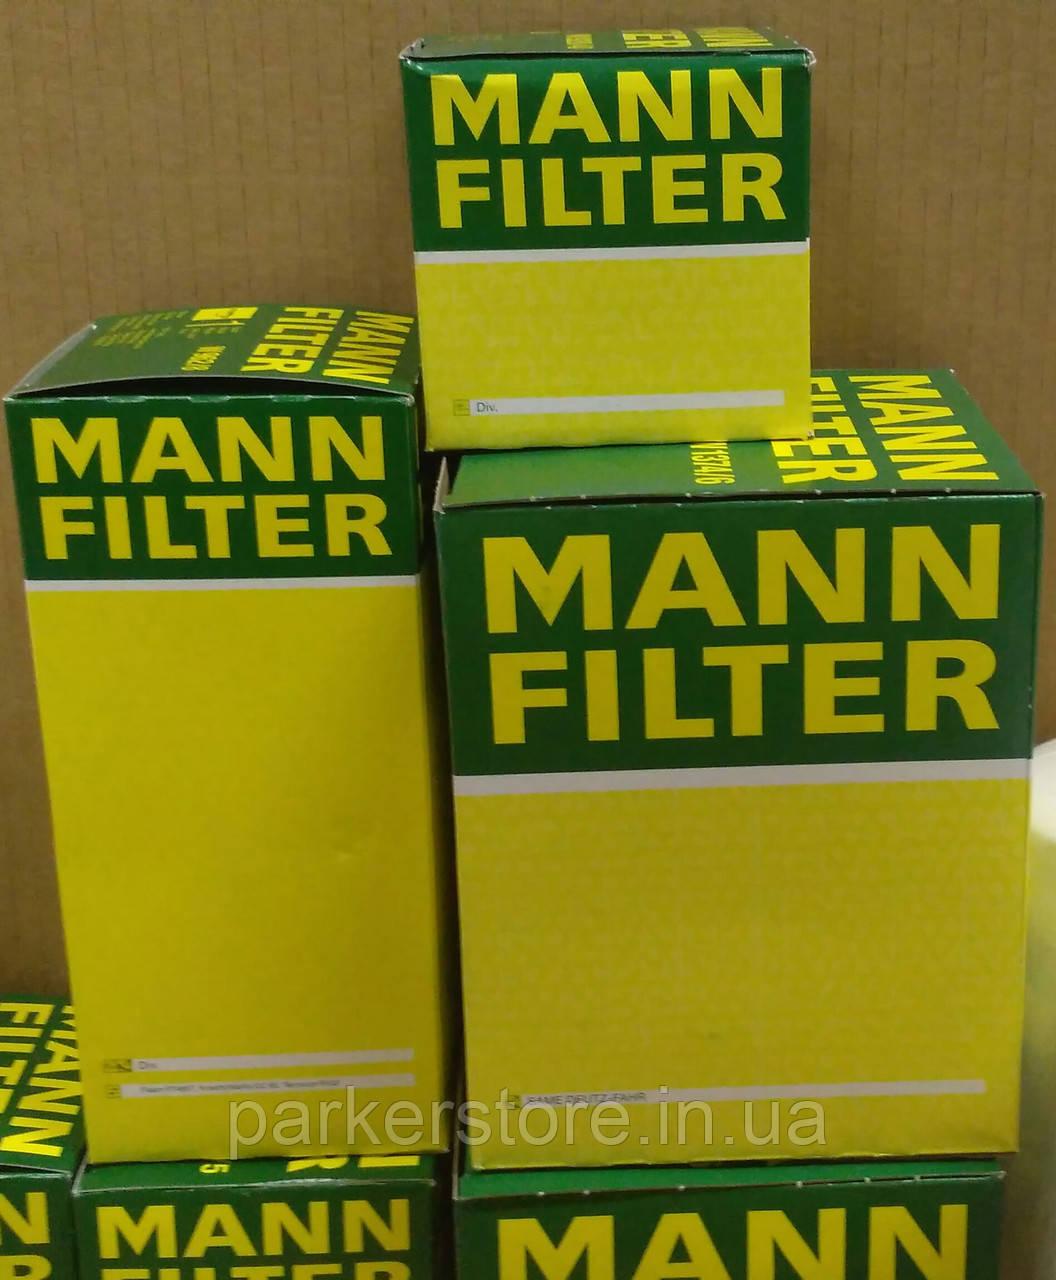 MANN FILTER / Воздушный фильтр / C 1369 / C1369